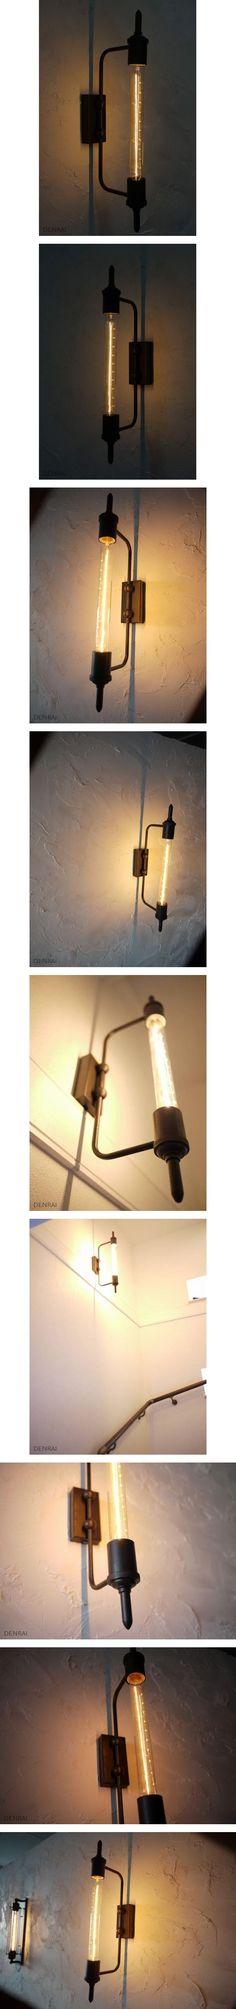 インダストリアルウォールランプ ブラケットライト照明器具W002 - ヤフオク!